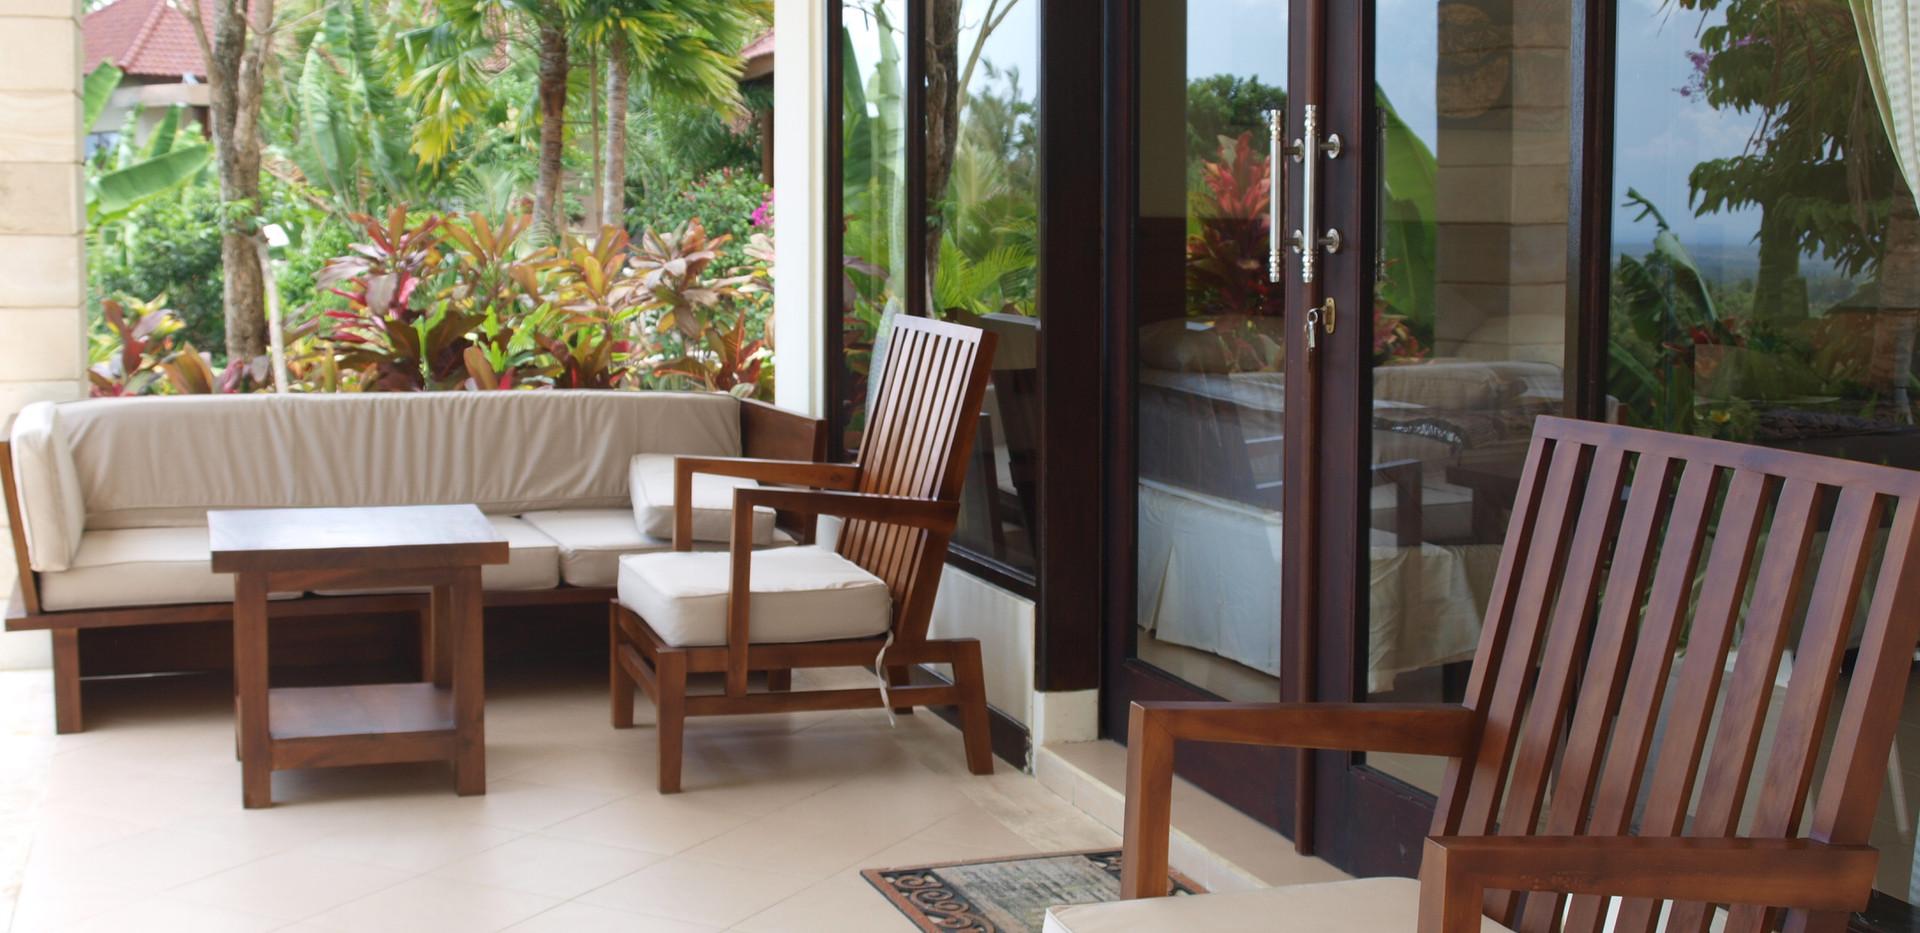 Villa capung Terrace